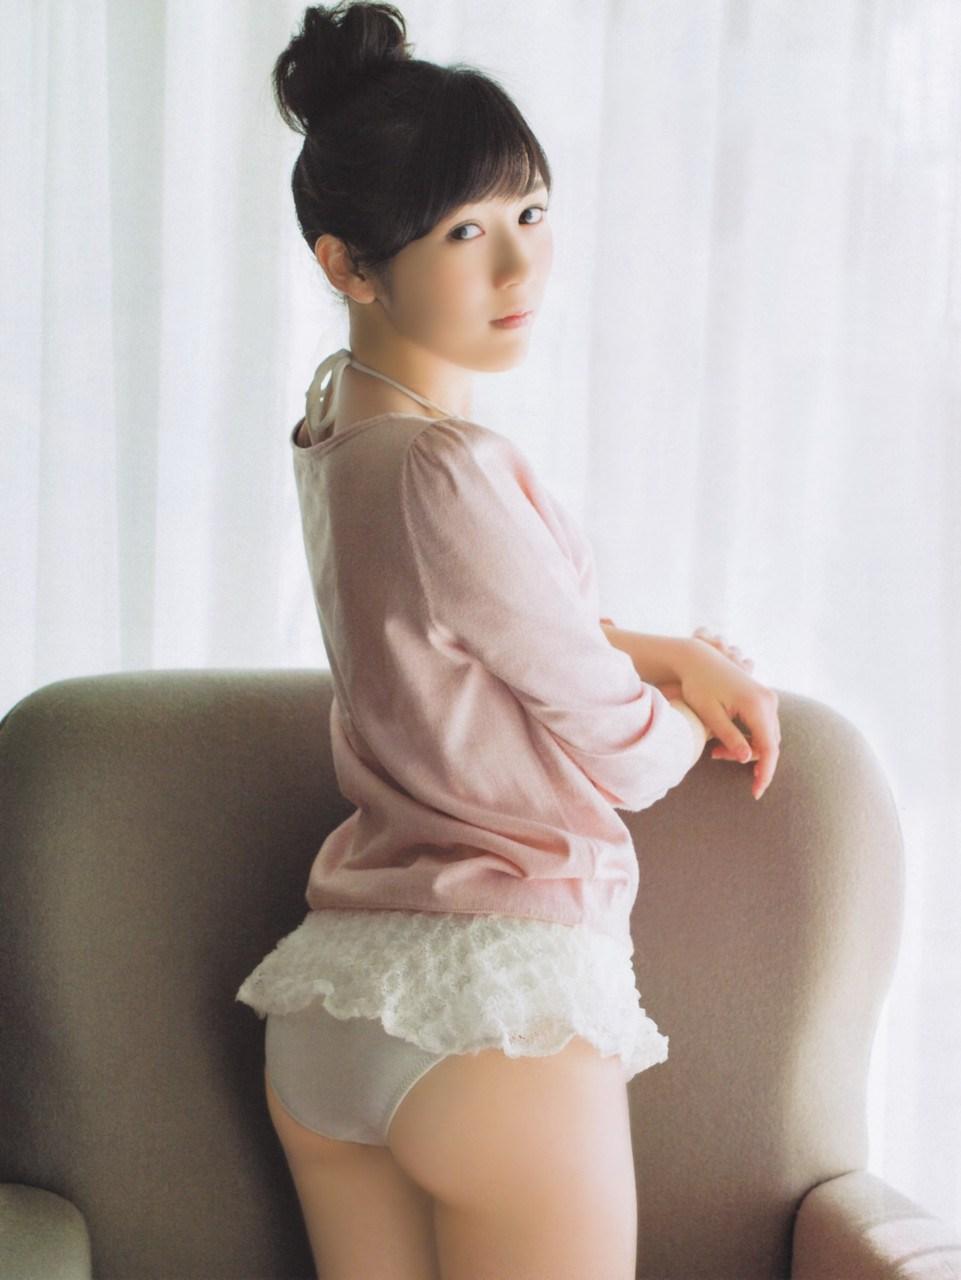 渡辺麻友 画像 29